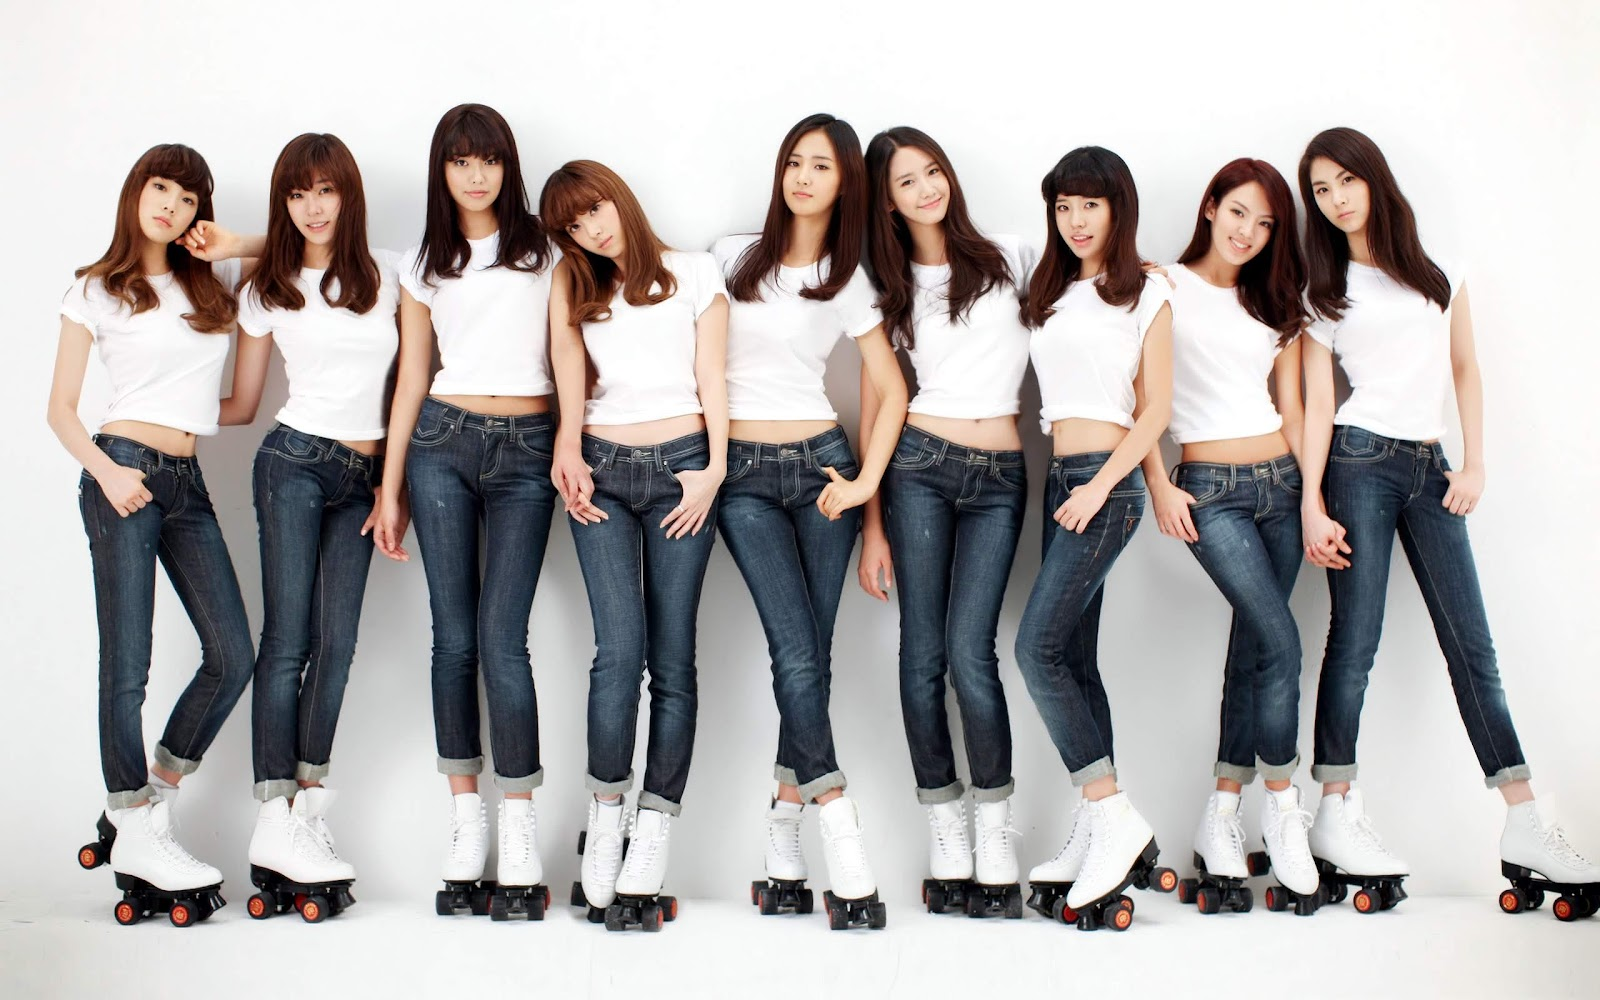 Sản phẩm của aaa jeans sử dụng được đa dạng hoàn cảnh